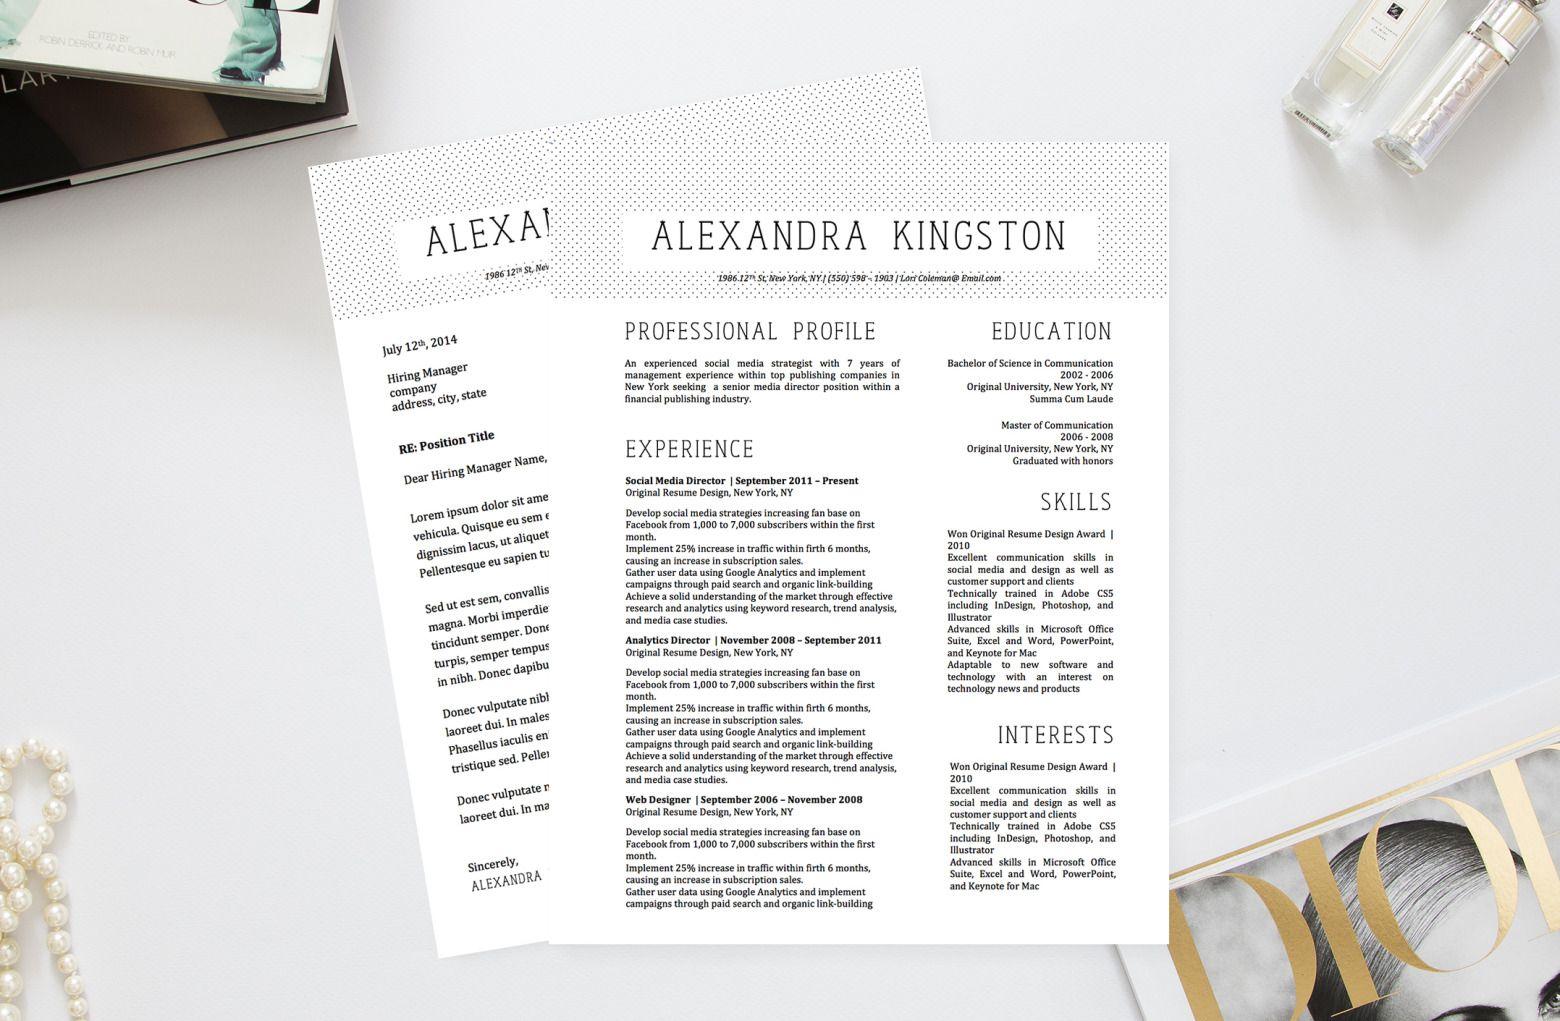 Alexandra Kingston Resume Template Cover letter for